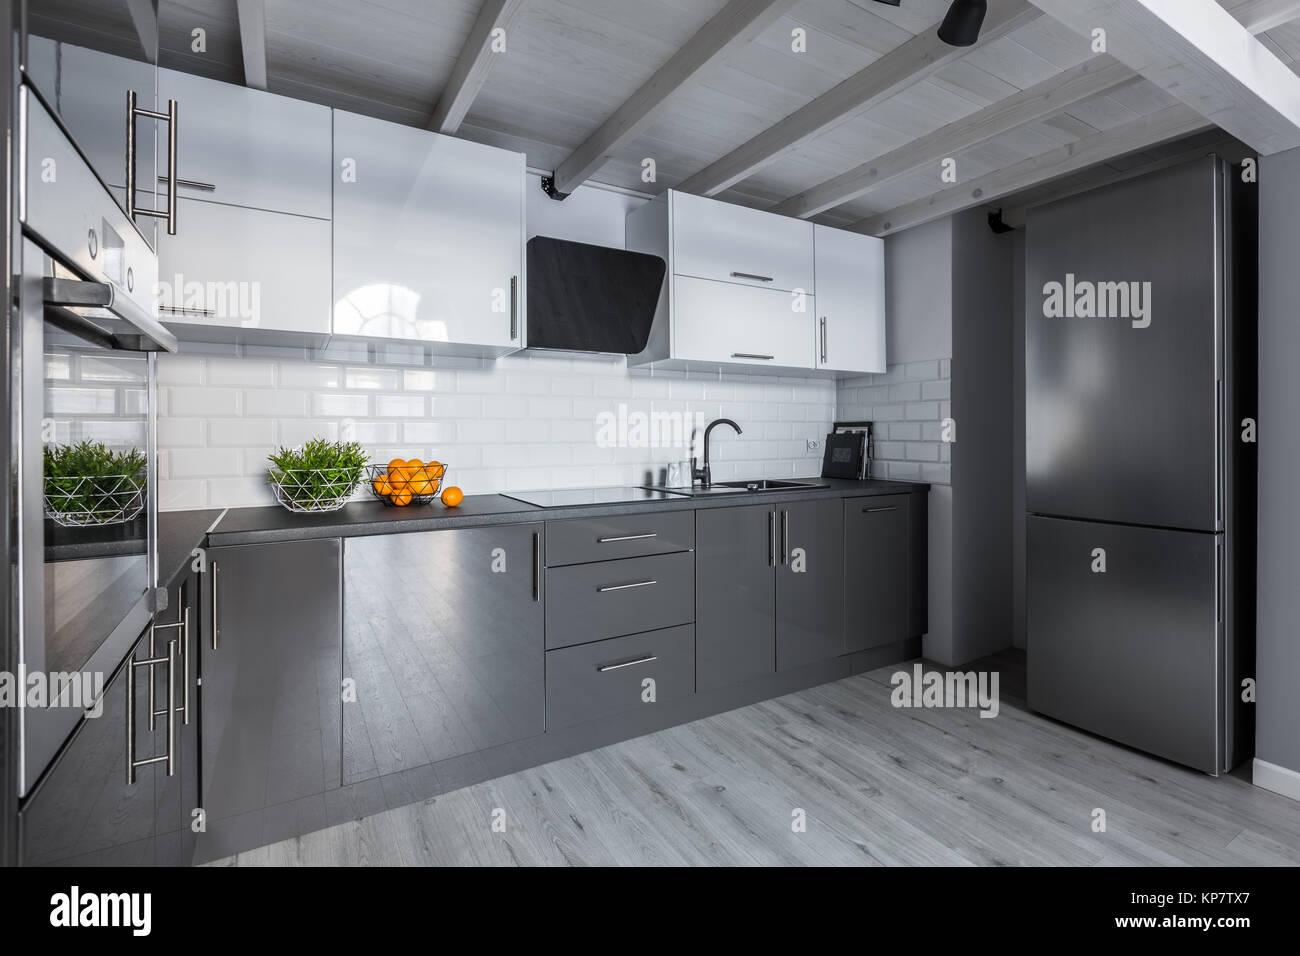 Moderno e di colore bianco e grigio cucina con metro piastrelle e ...